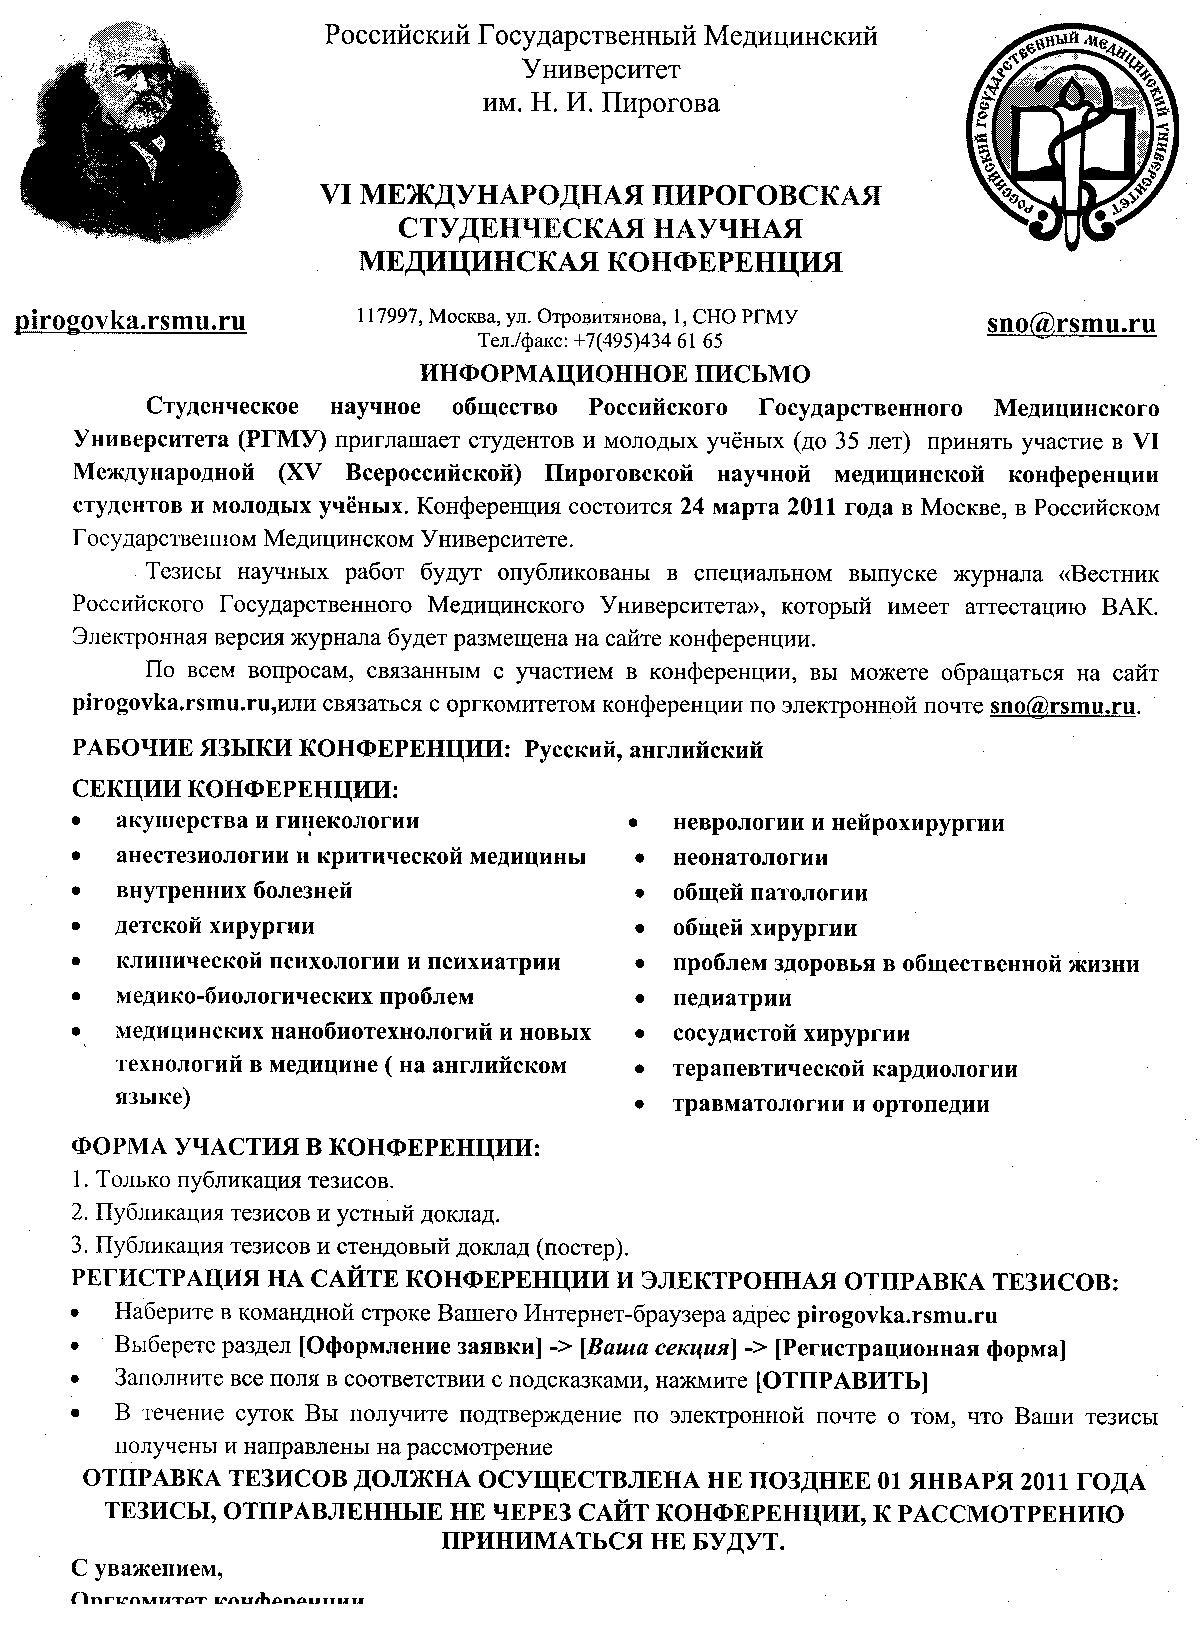 Прием тезисов на научную конференцию студентов медицина цветмет в Орехово-Зуево